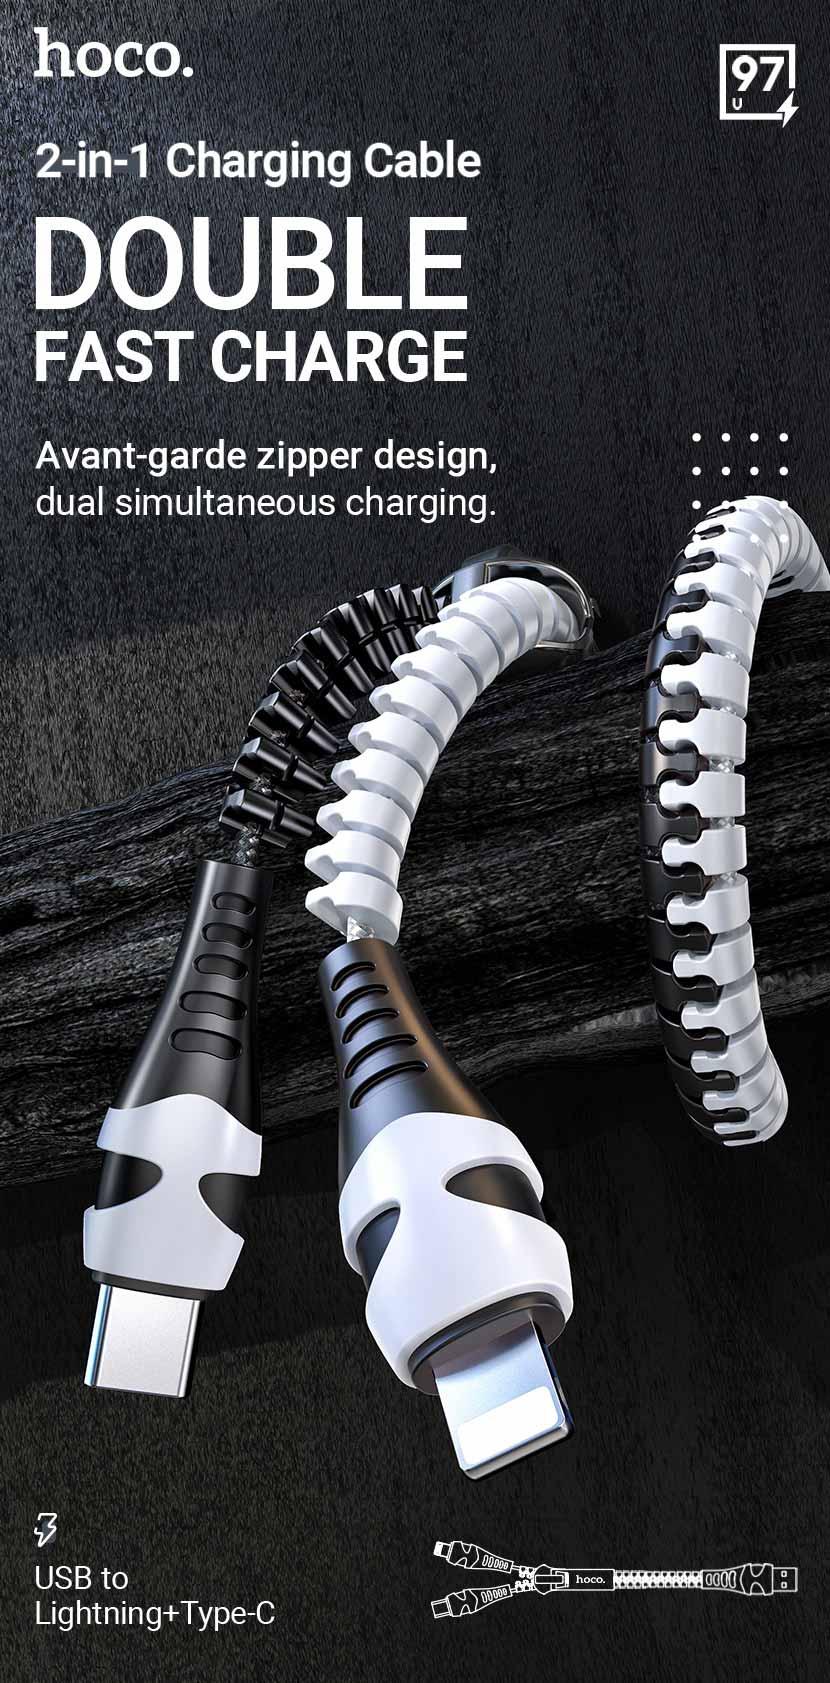 hoco news u97 2in1 zipper charging cable lightning type c en